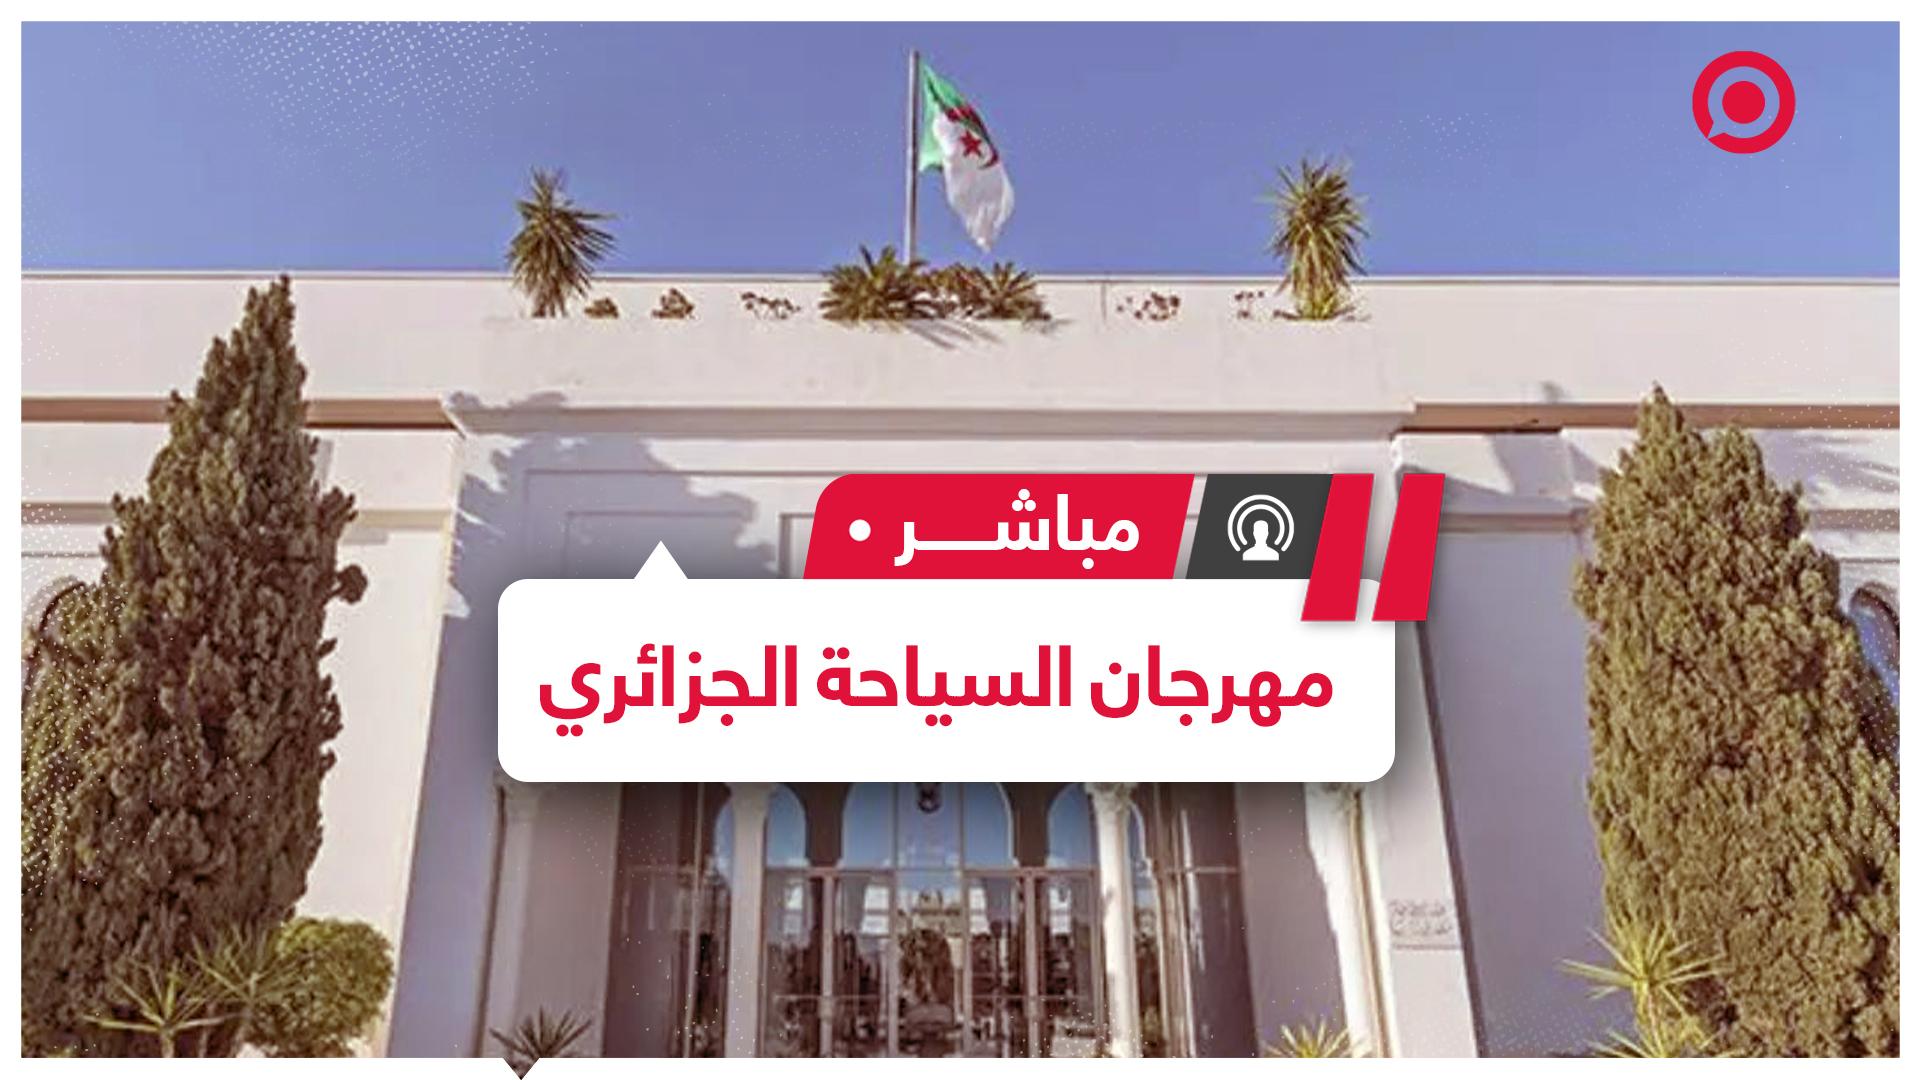 أنباء بالجزائر عن الاستعانة بفنانين عرب للترويج للسياحة... ووزارة الثقافة تنفي